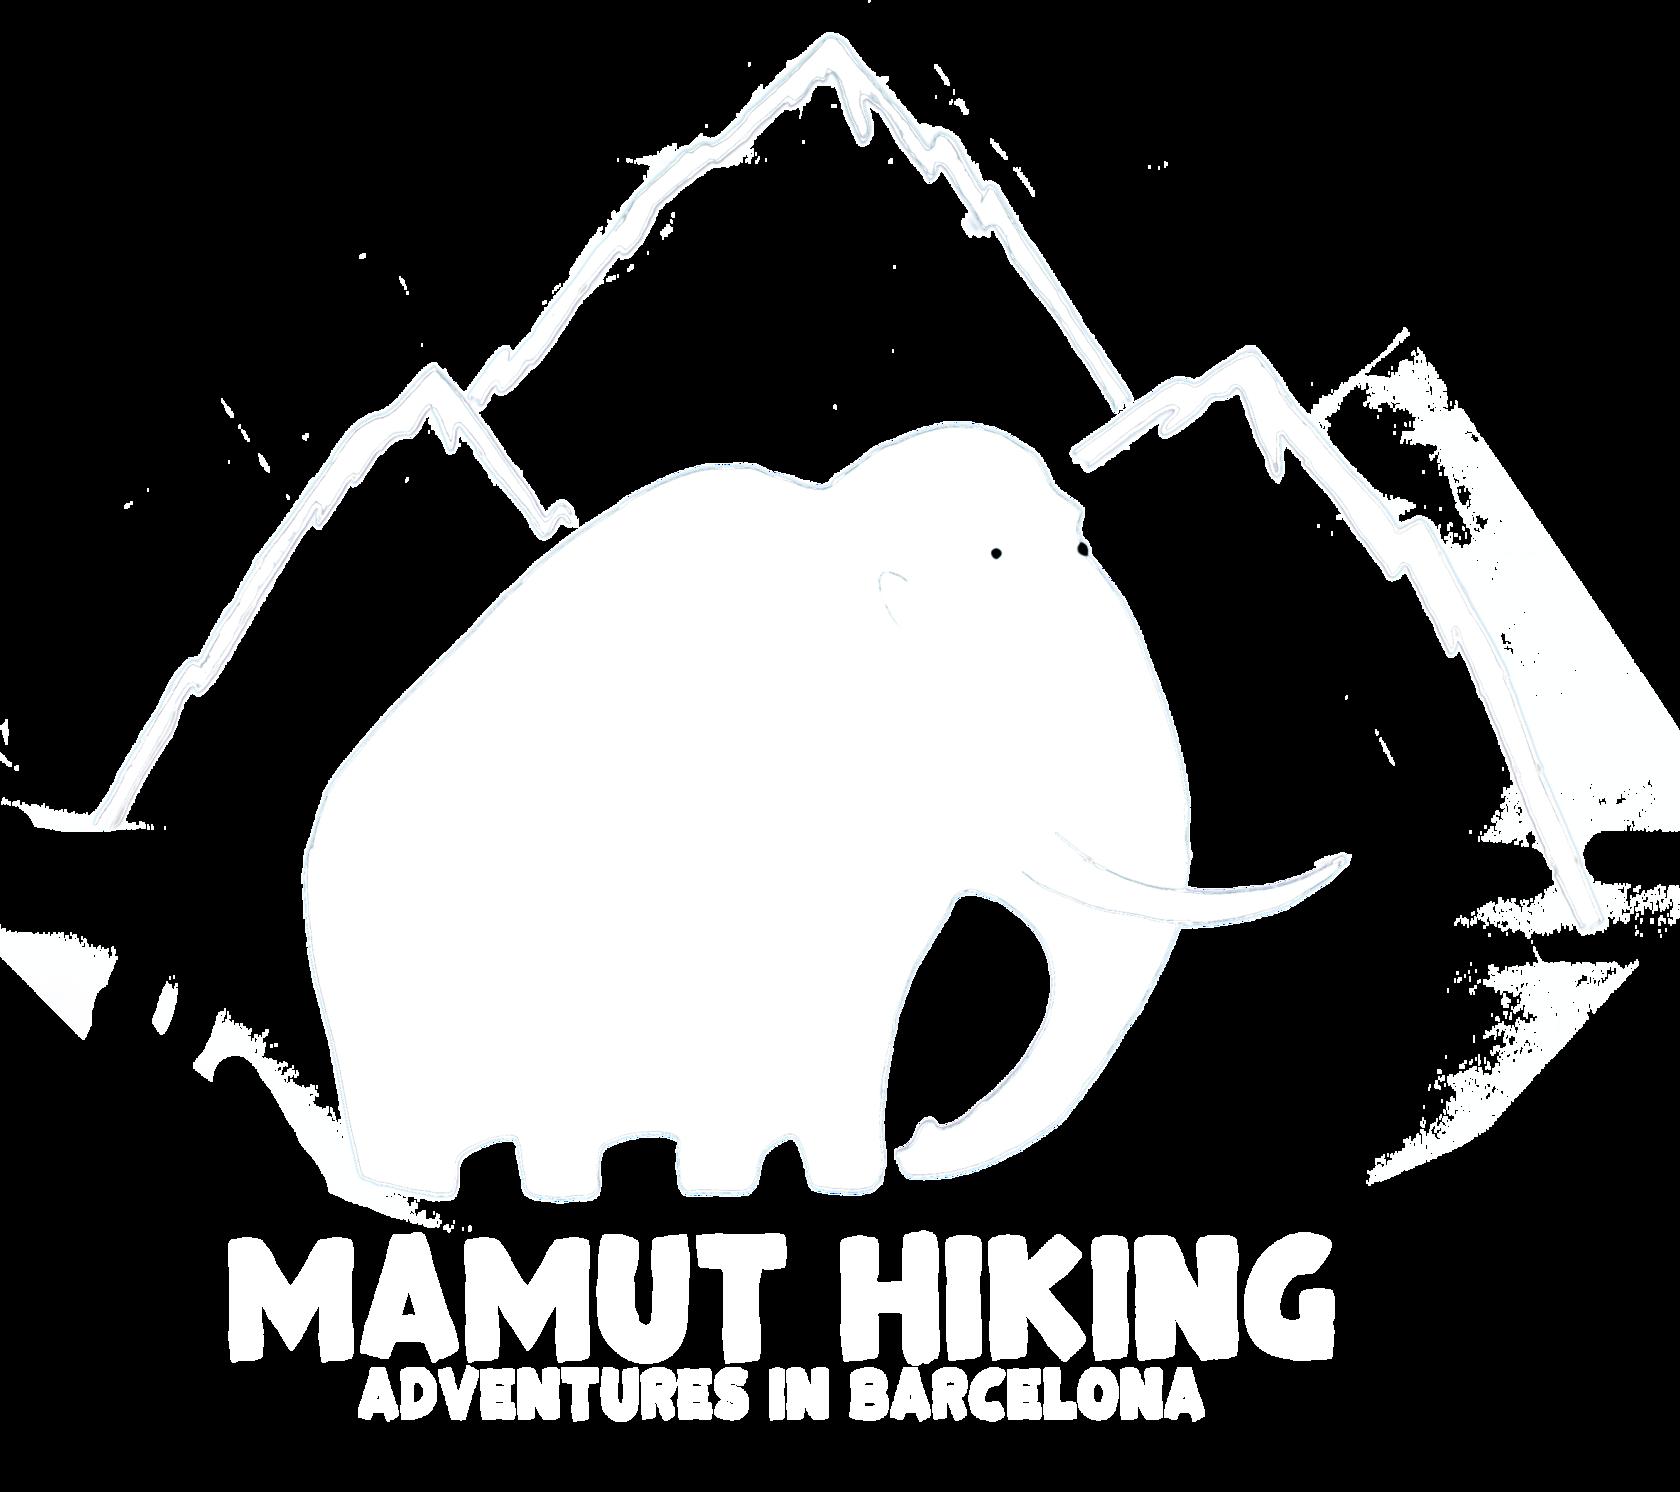 MAMUT HIKING